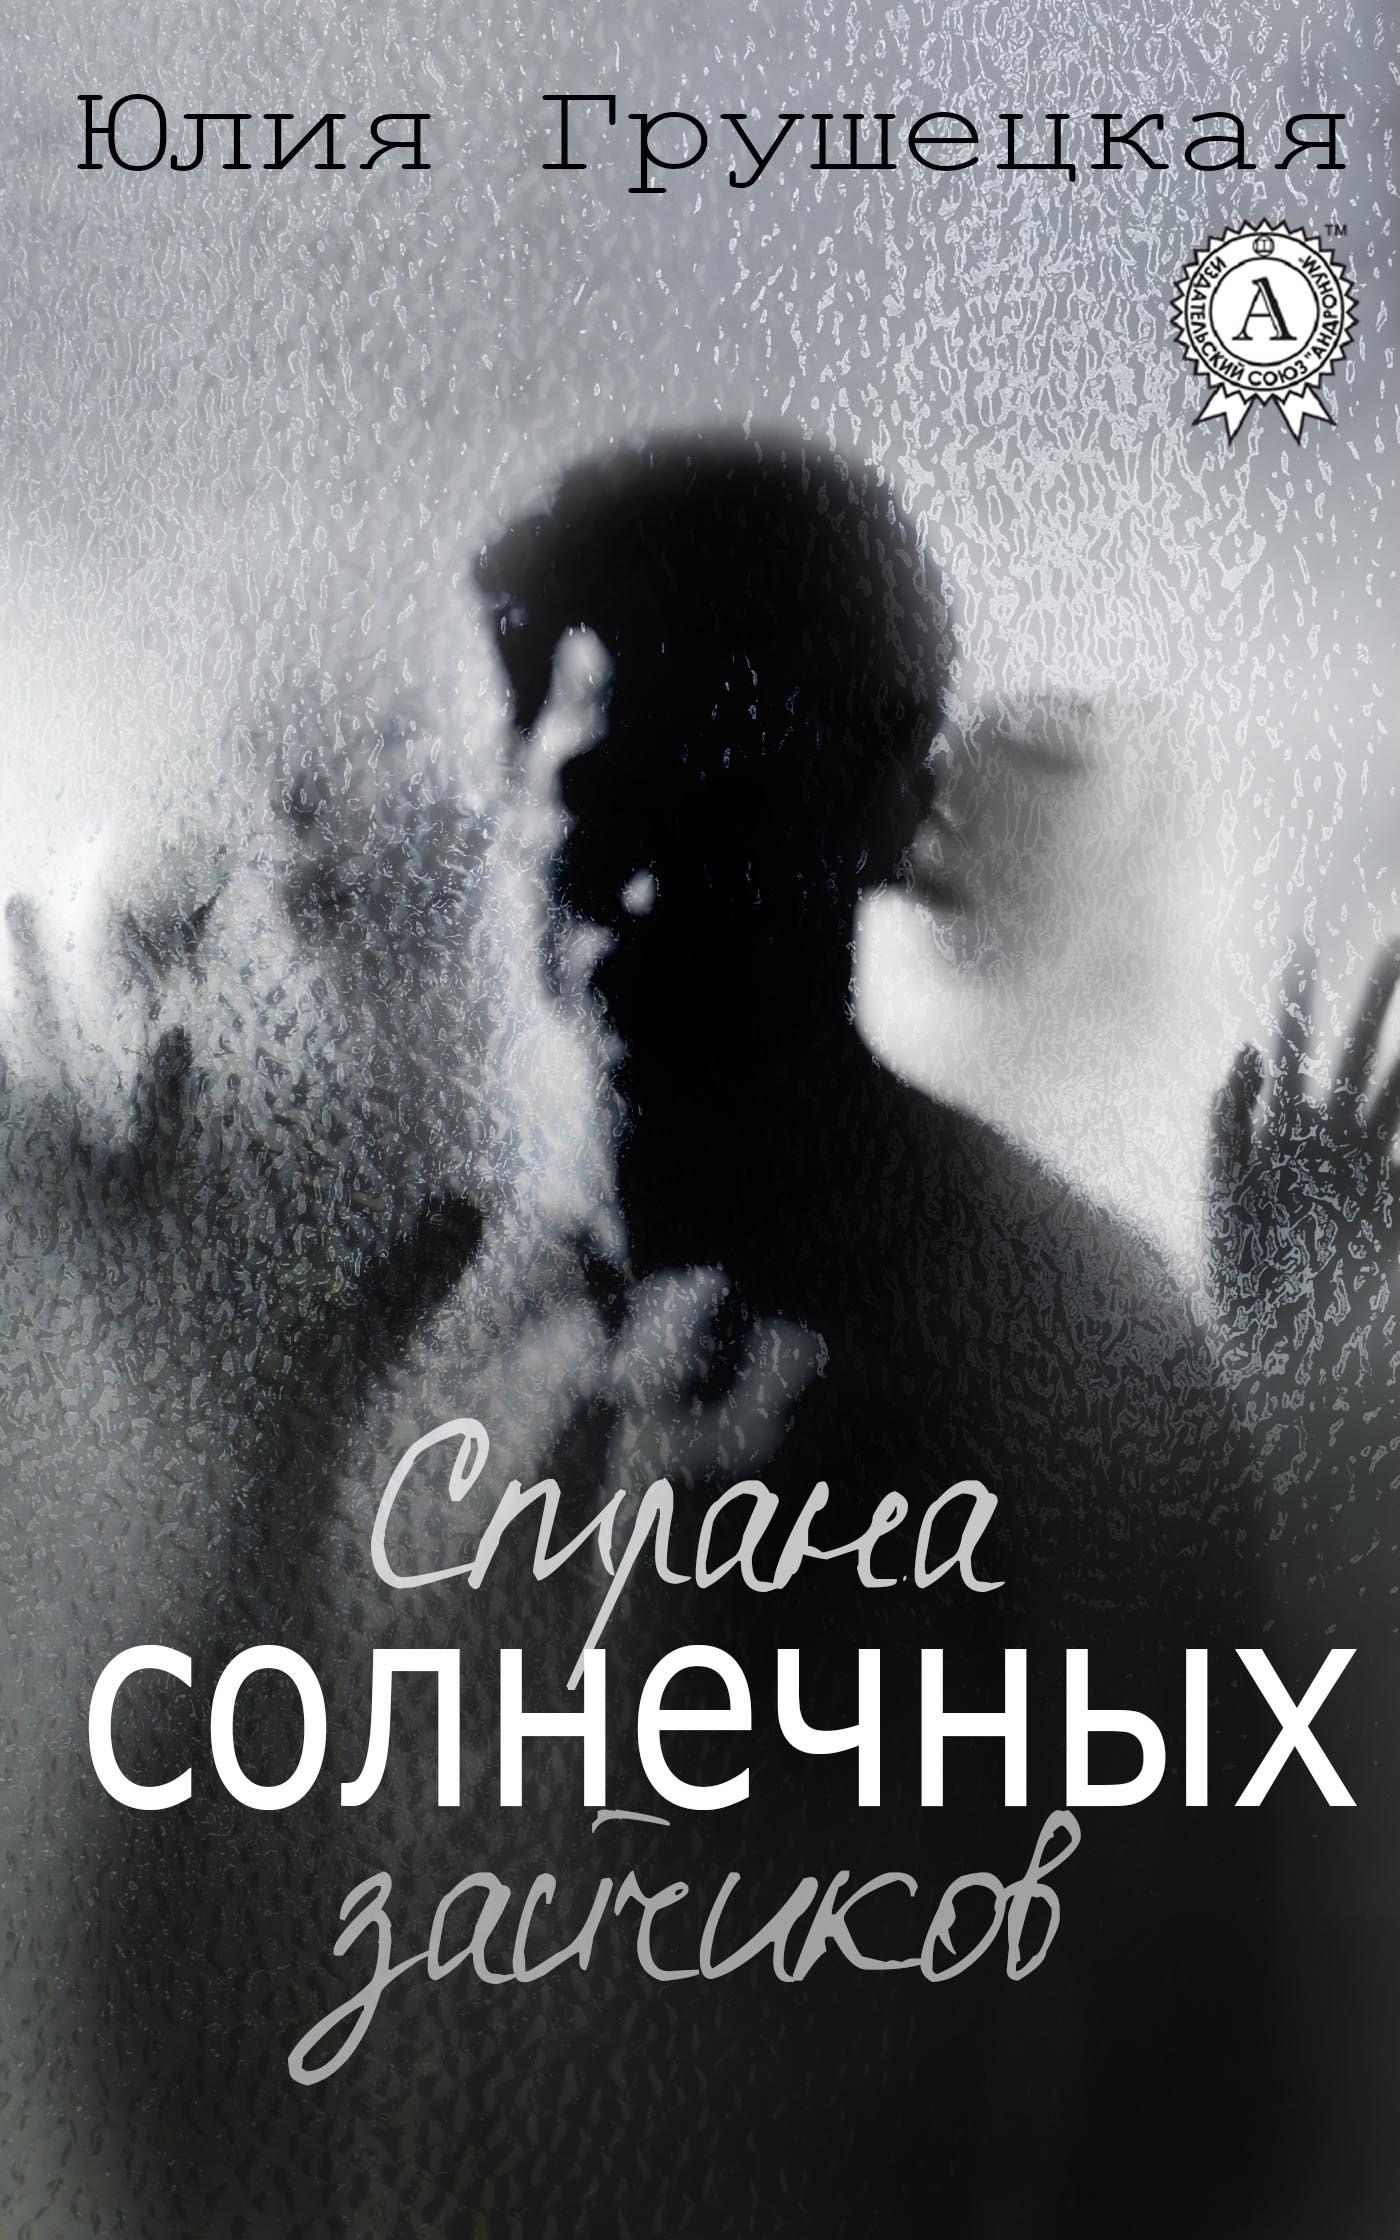 Юлия Грушецкая бесплатно